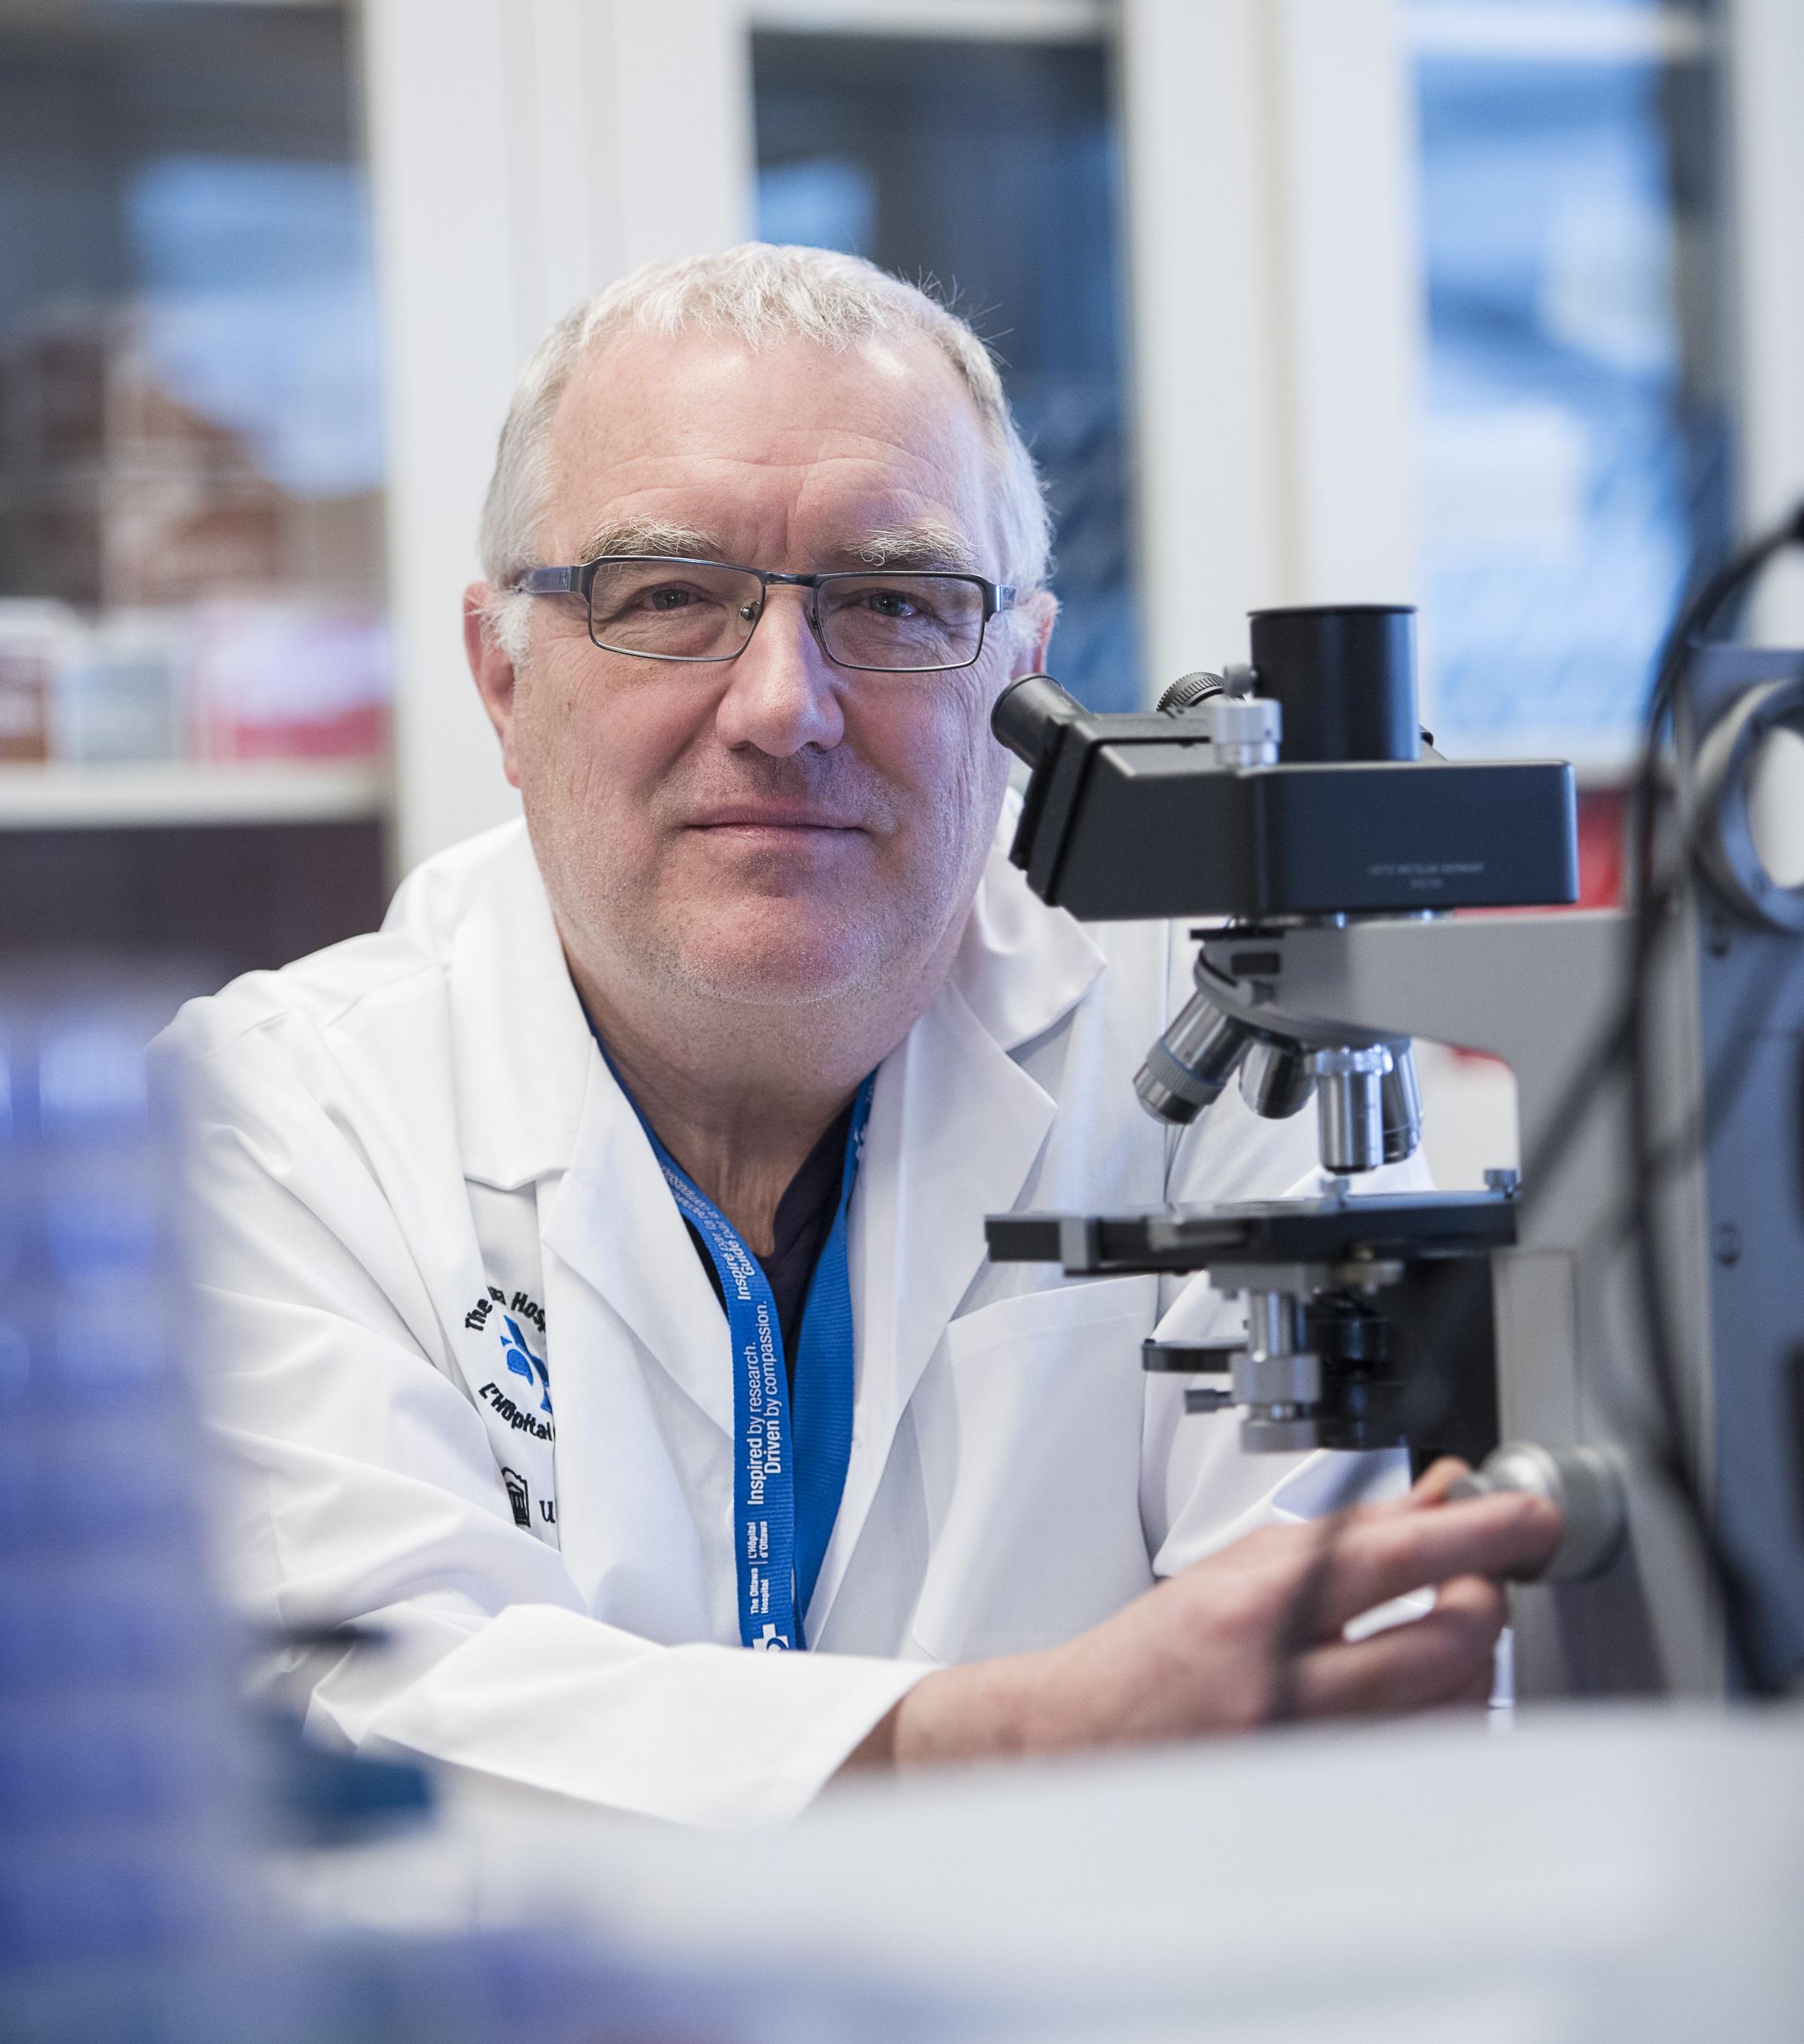 Photographie format portrait de Dr. John Bell